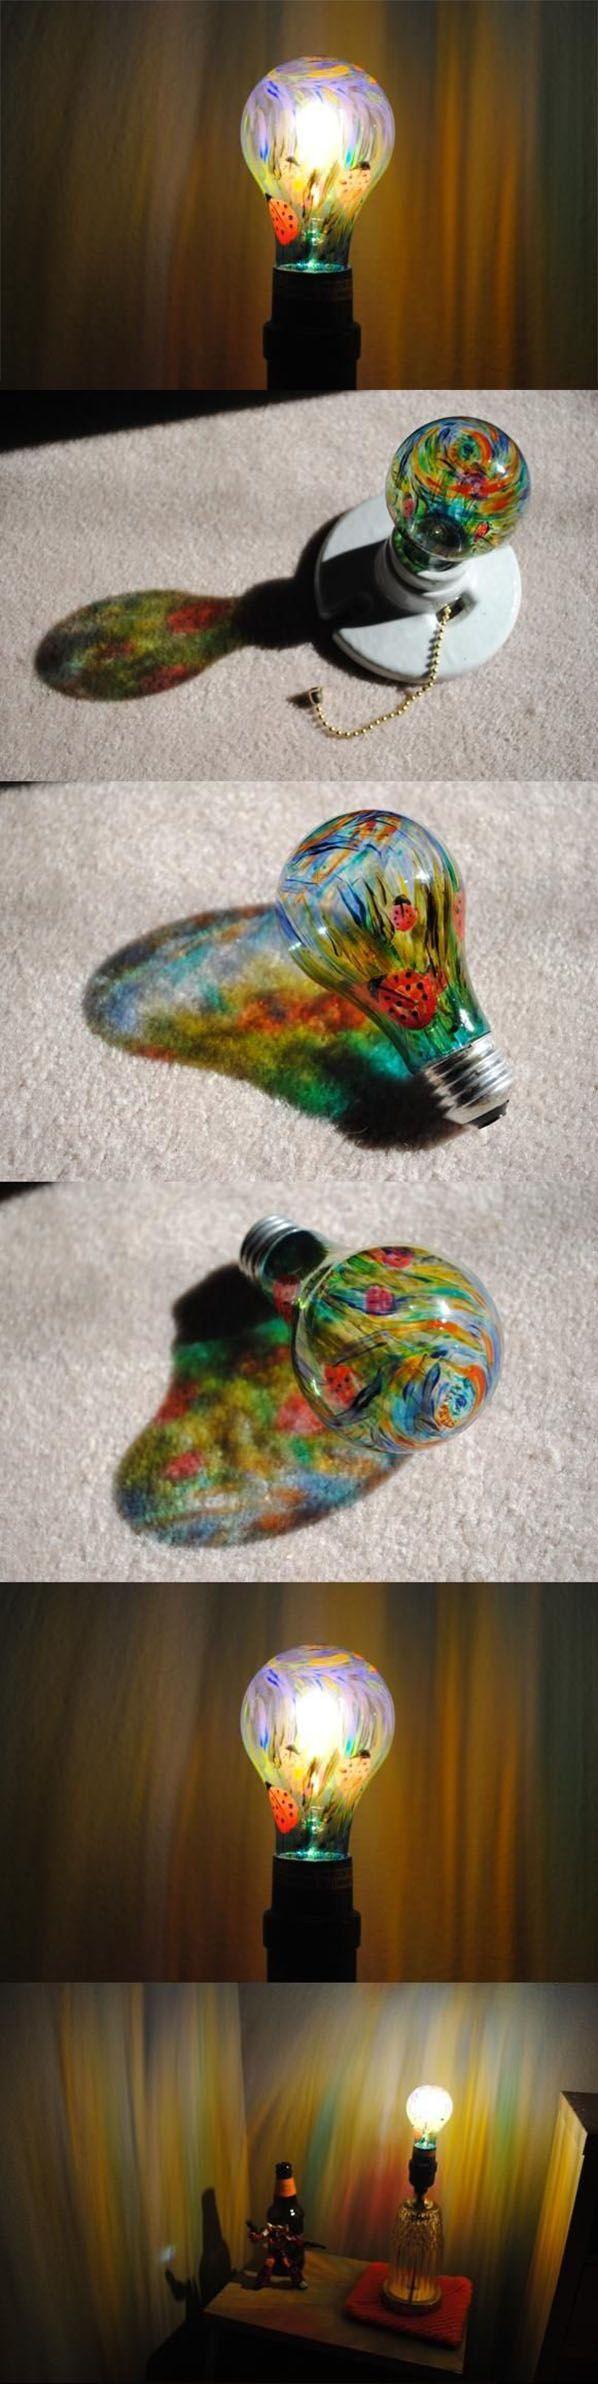 163 best Light Bulbs Art images on Pinterest | Lightbulb ornaments ... for Painted Light Bulb Art  59nar